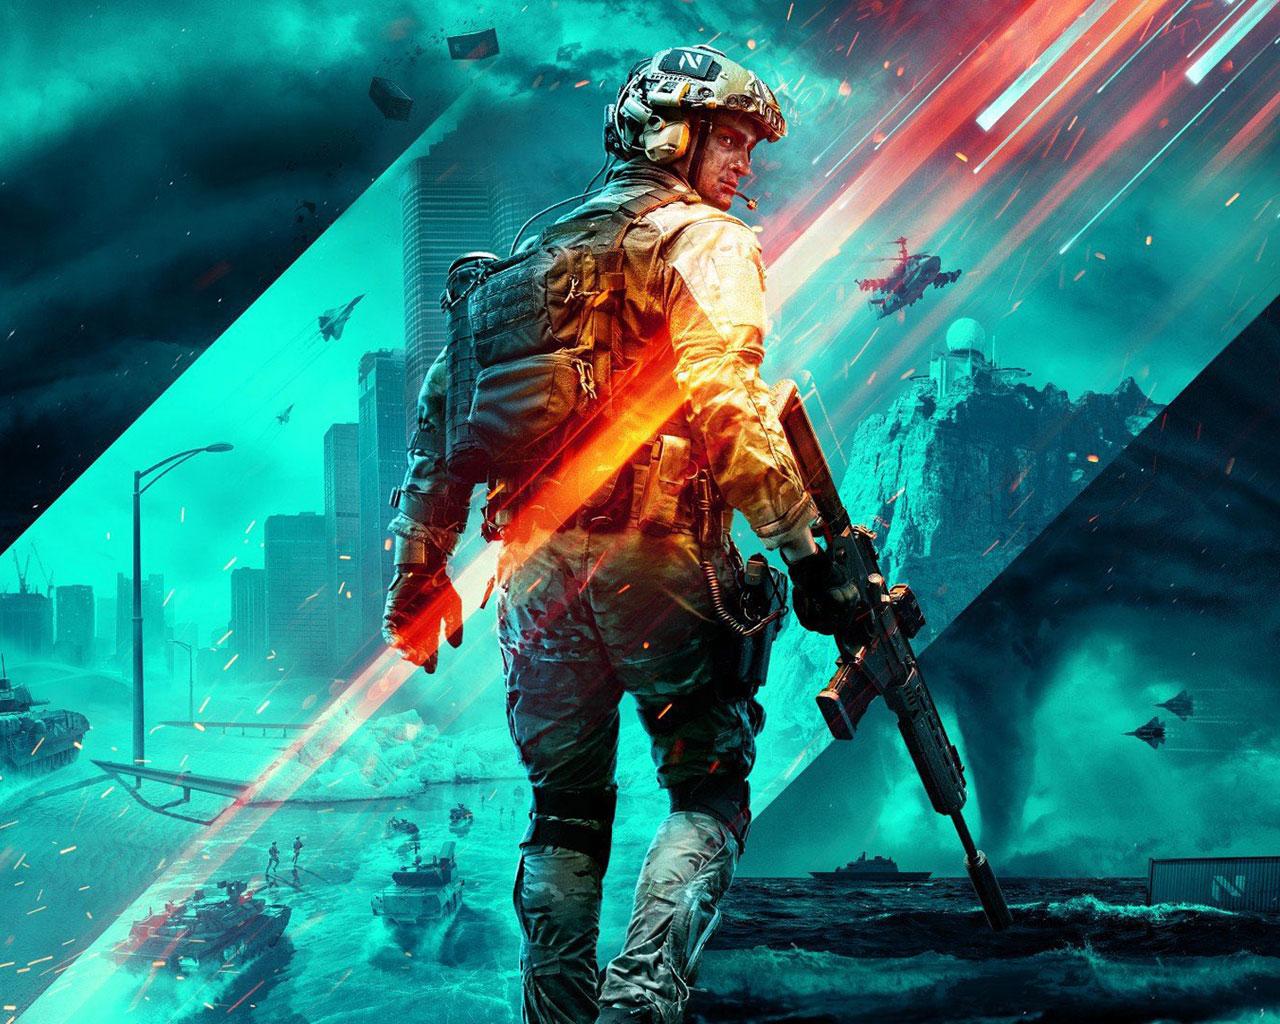 Free Battlefield 2042 Wallpaper in 1280x1024